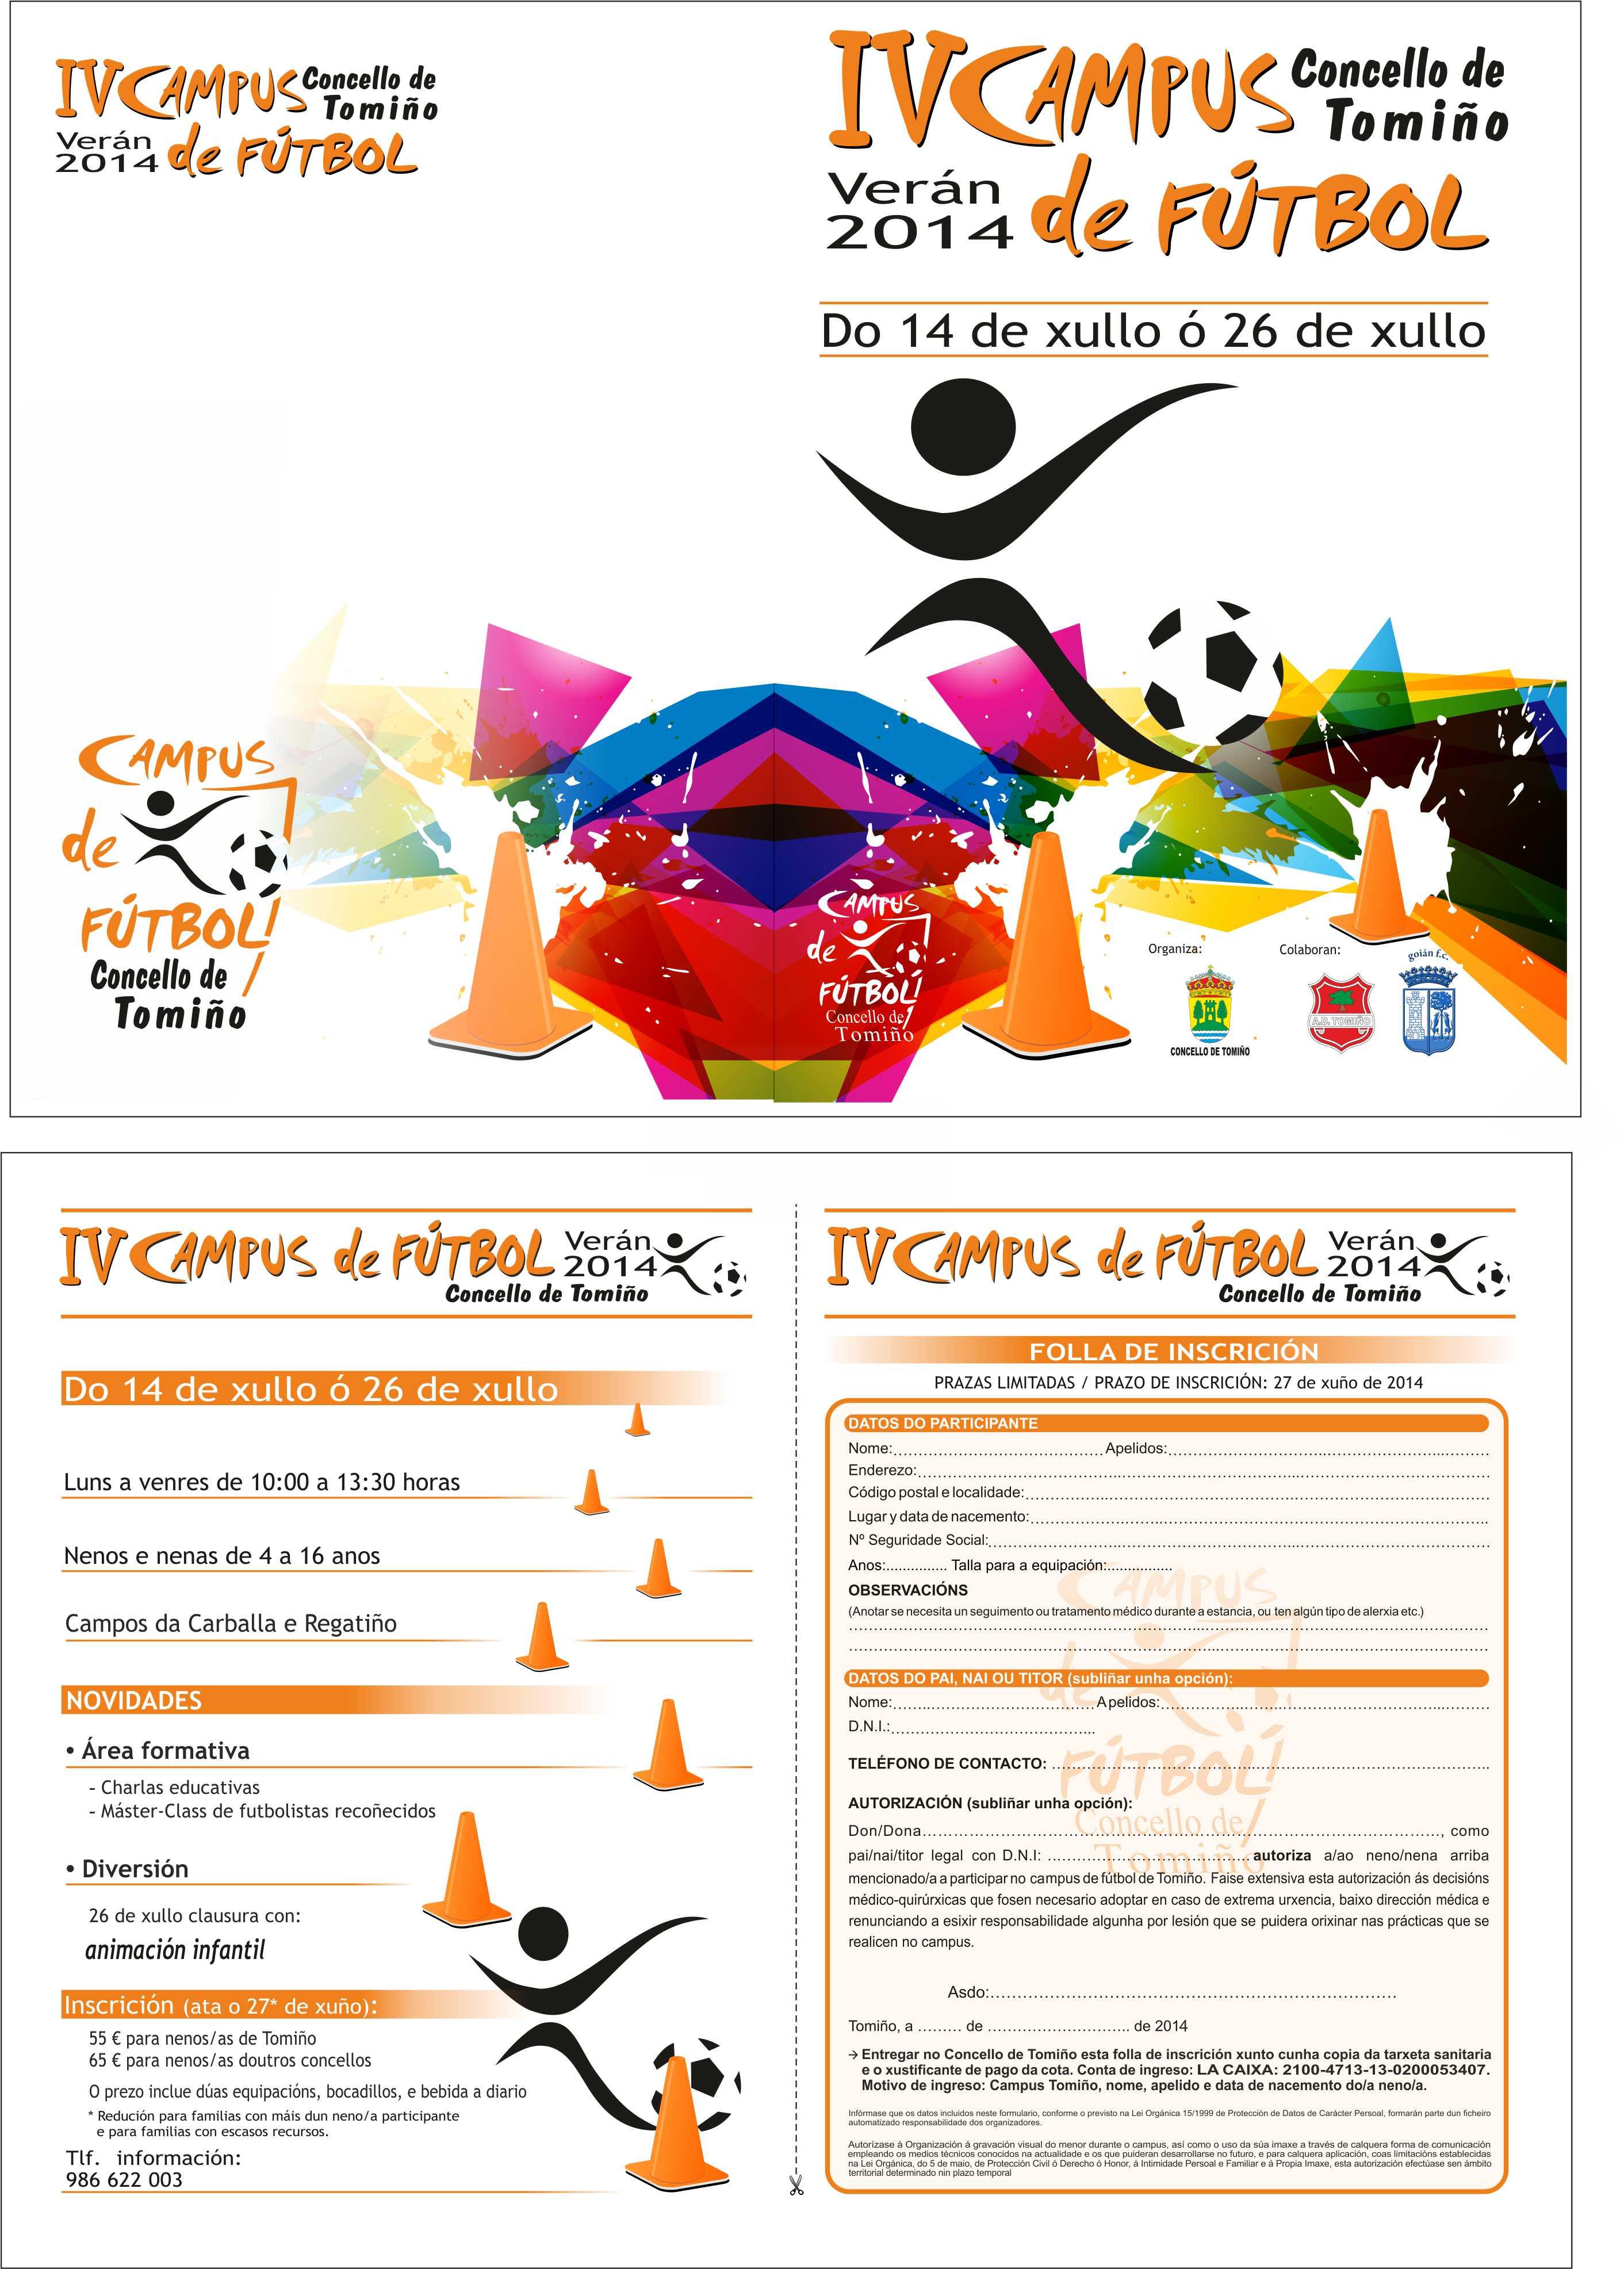 Folla Inscrición Campus Fútbol Tomiño 2014